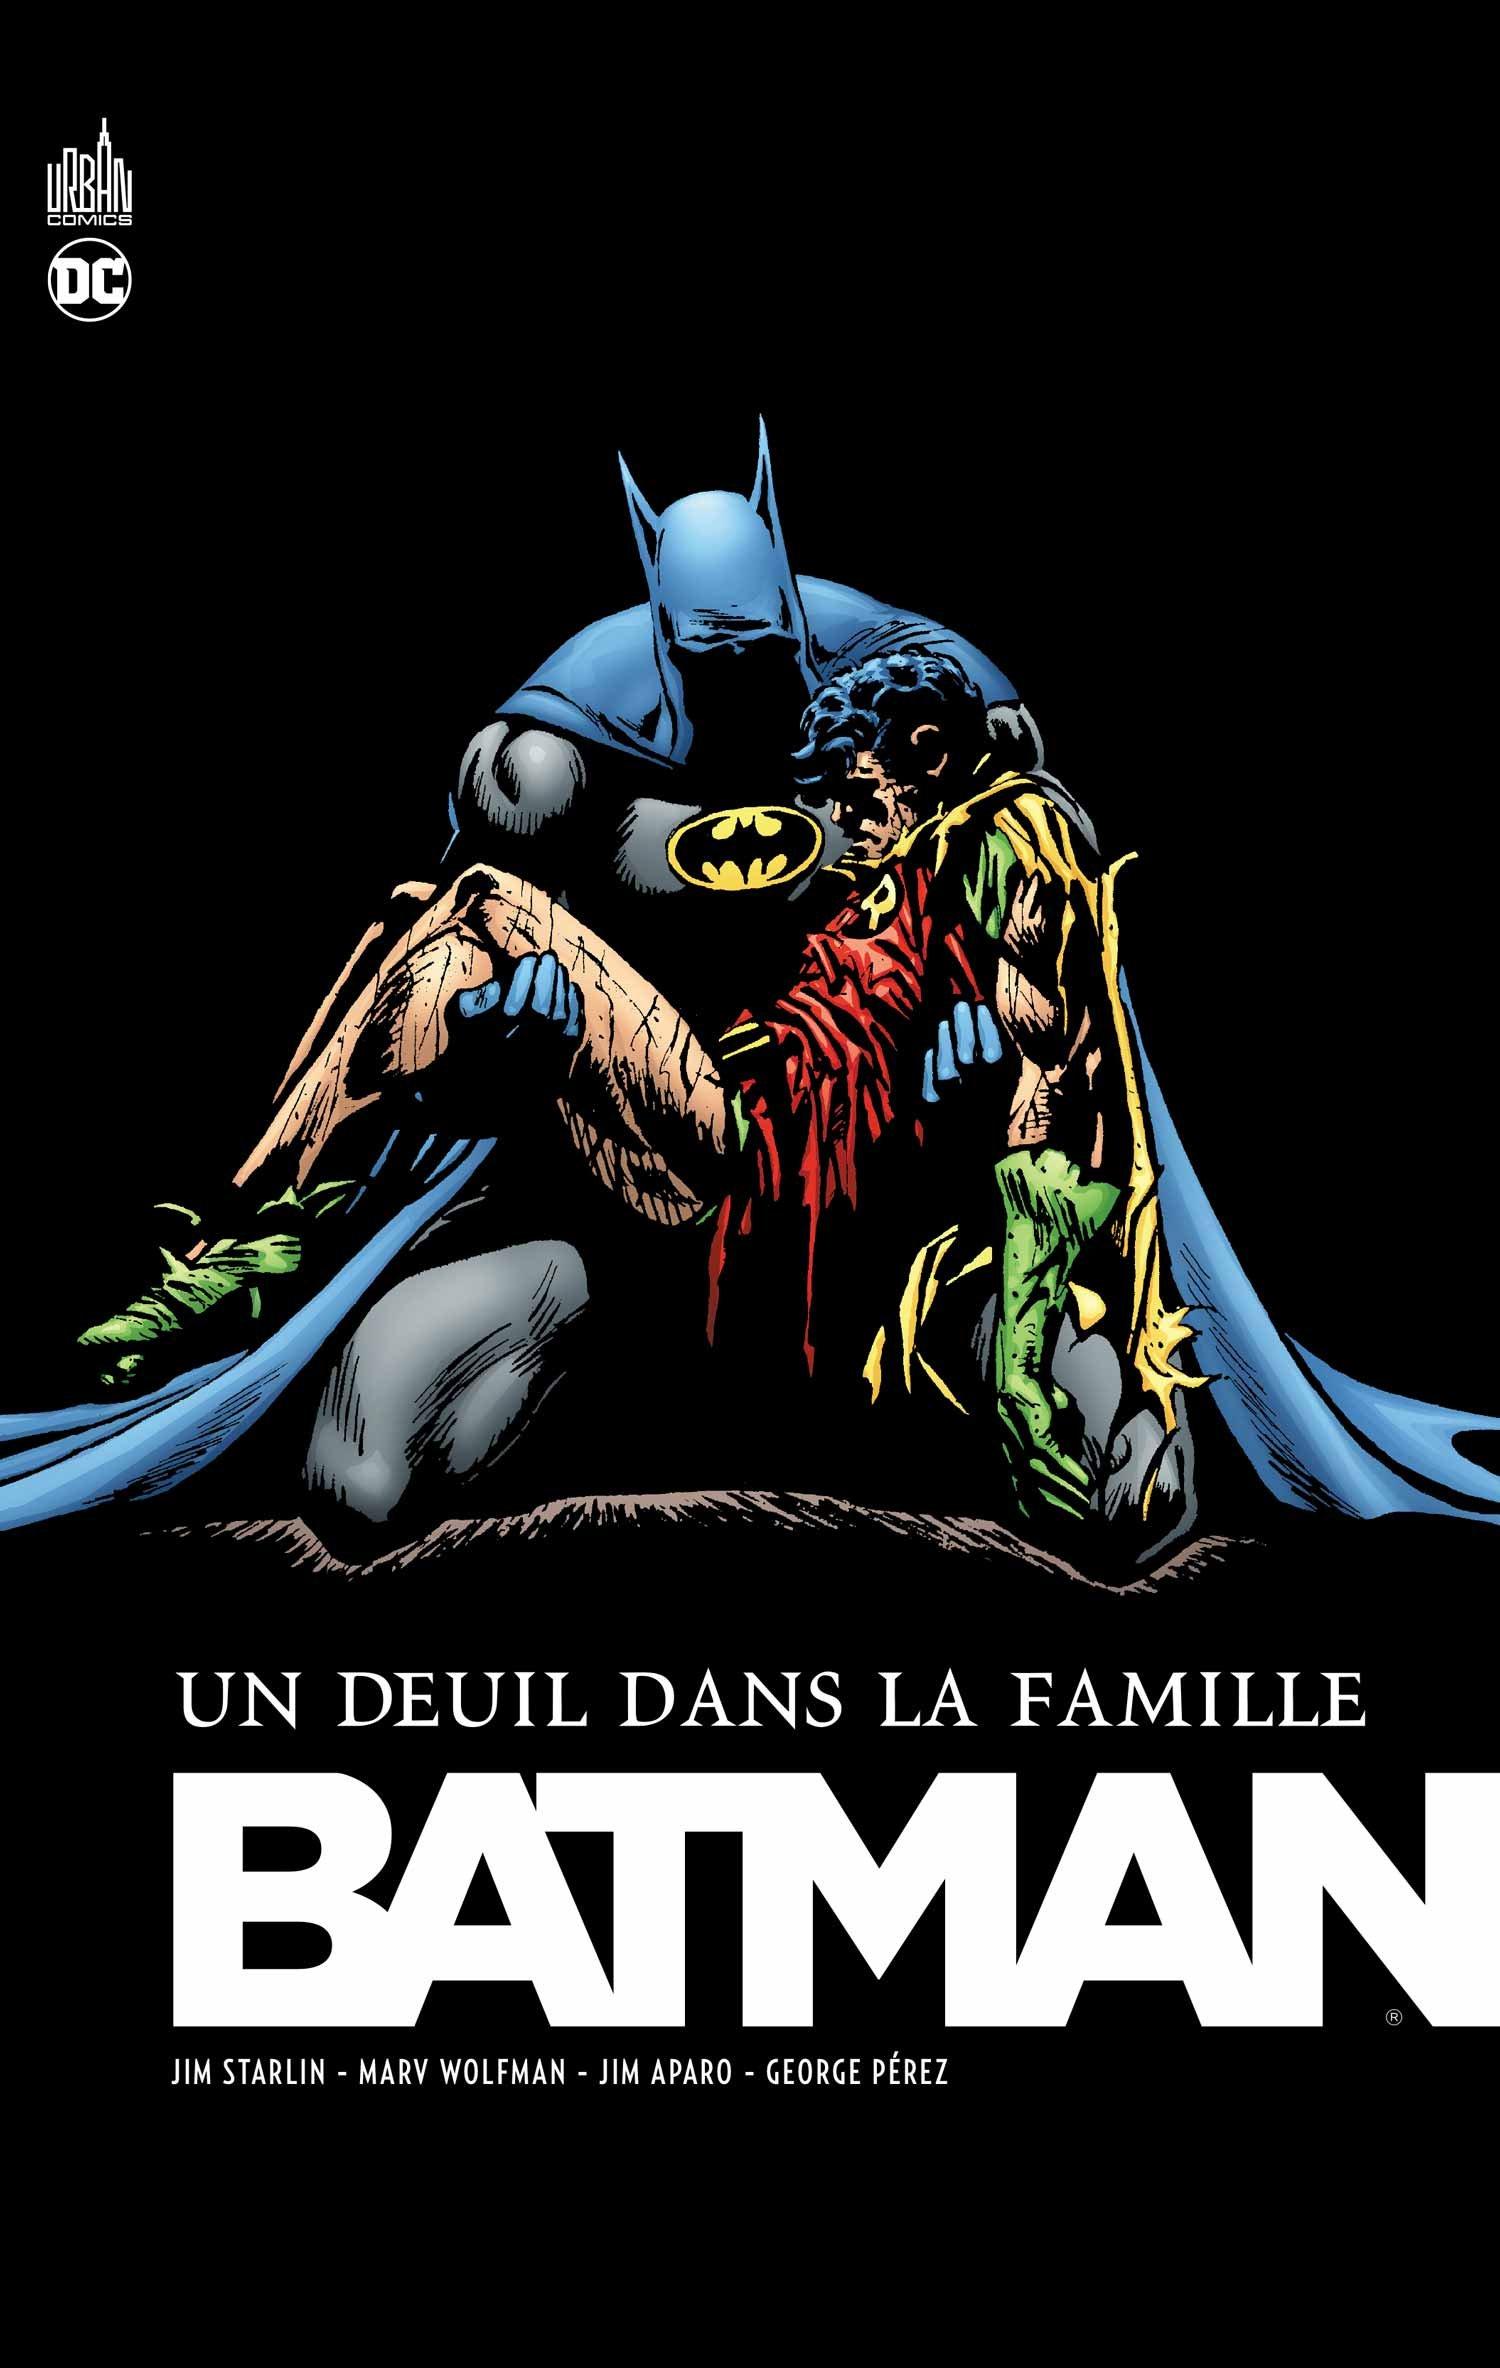 mort robin batman